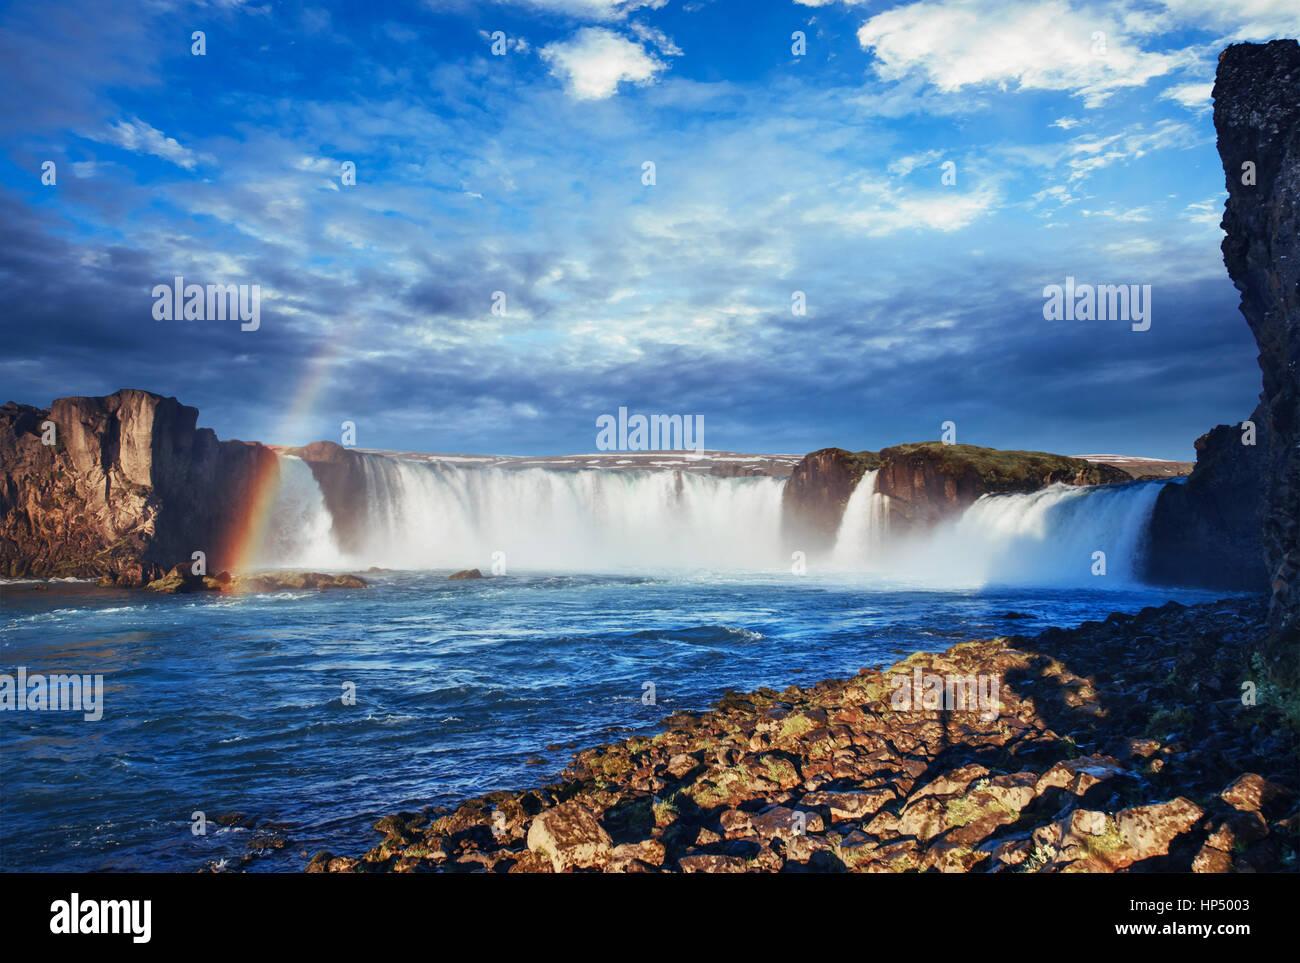 Godafoss waterfall at sunset. Beauty world. Iceland, Europe - Stock Image